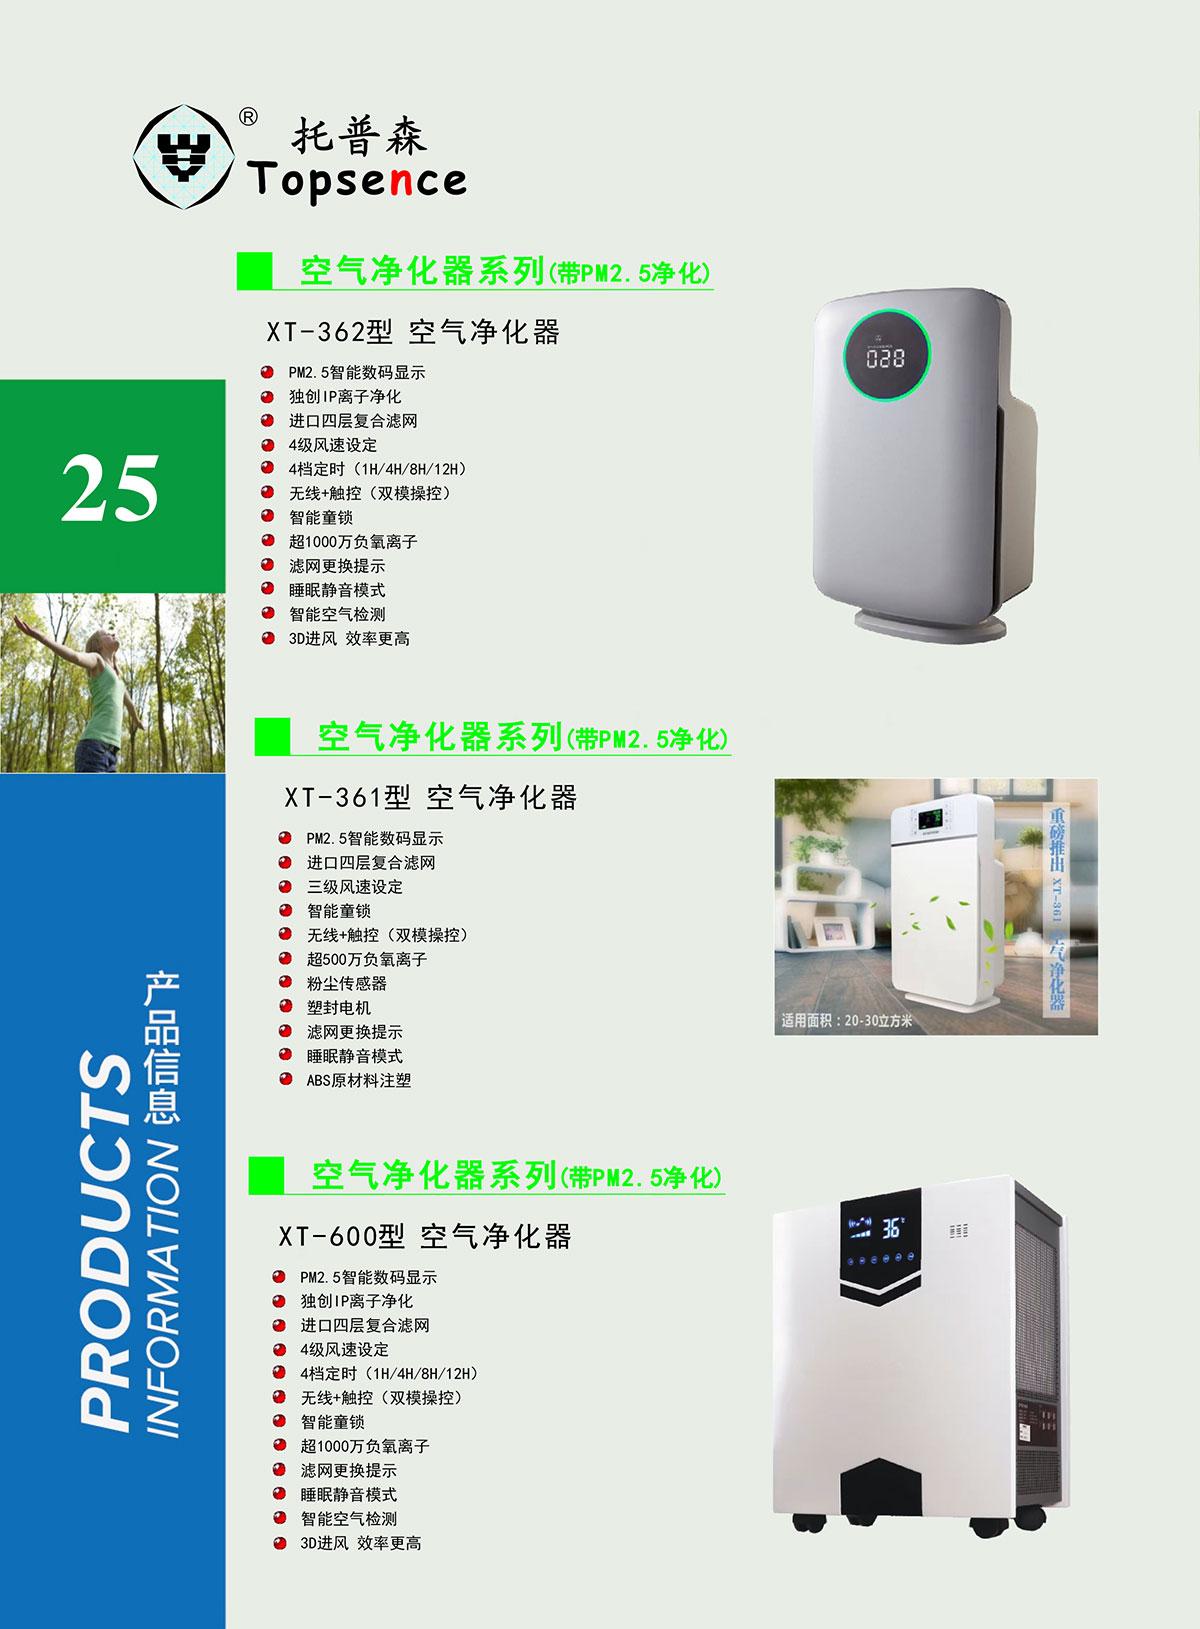 空气净化器系列